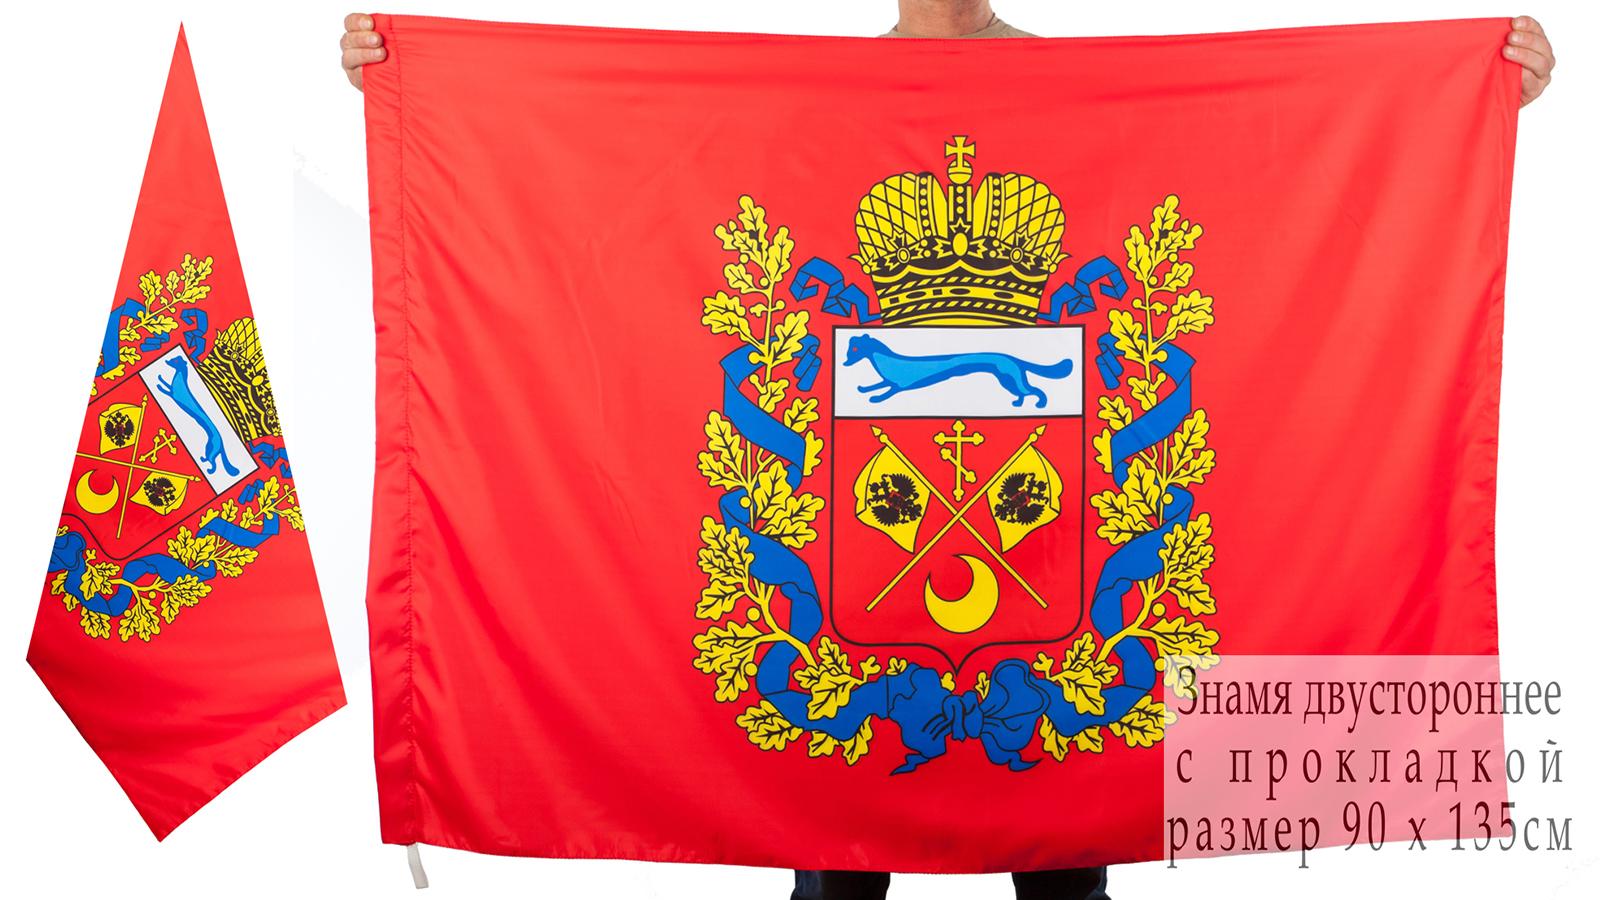 Двухсторонний флаг Оренбургской области